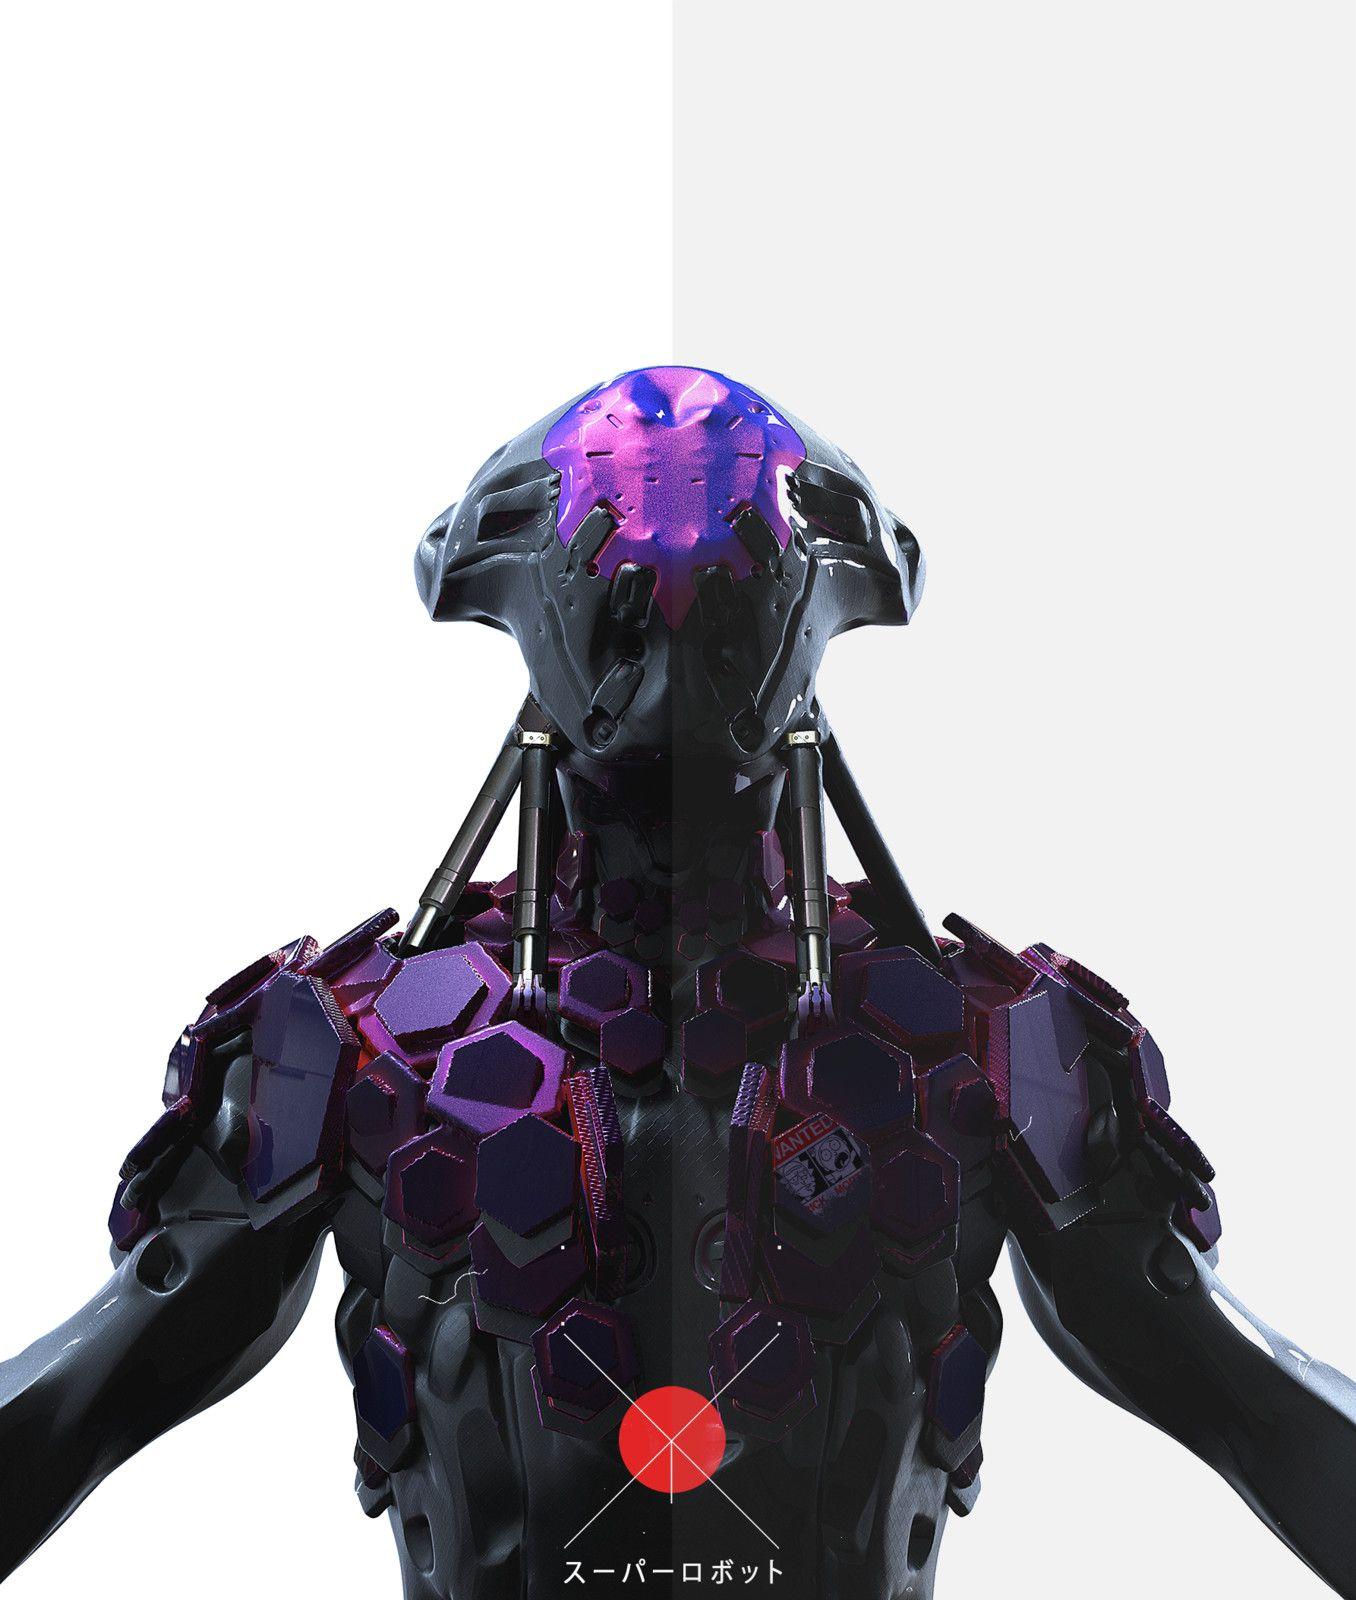 super_robots, Ramazan Kazaliev on ArtStation at https://www.artstation.com/artwork/dlD33